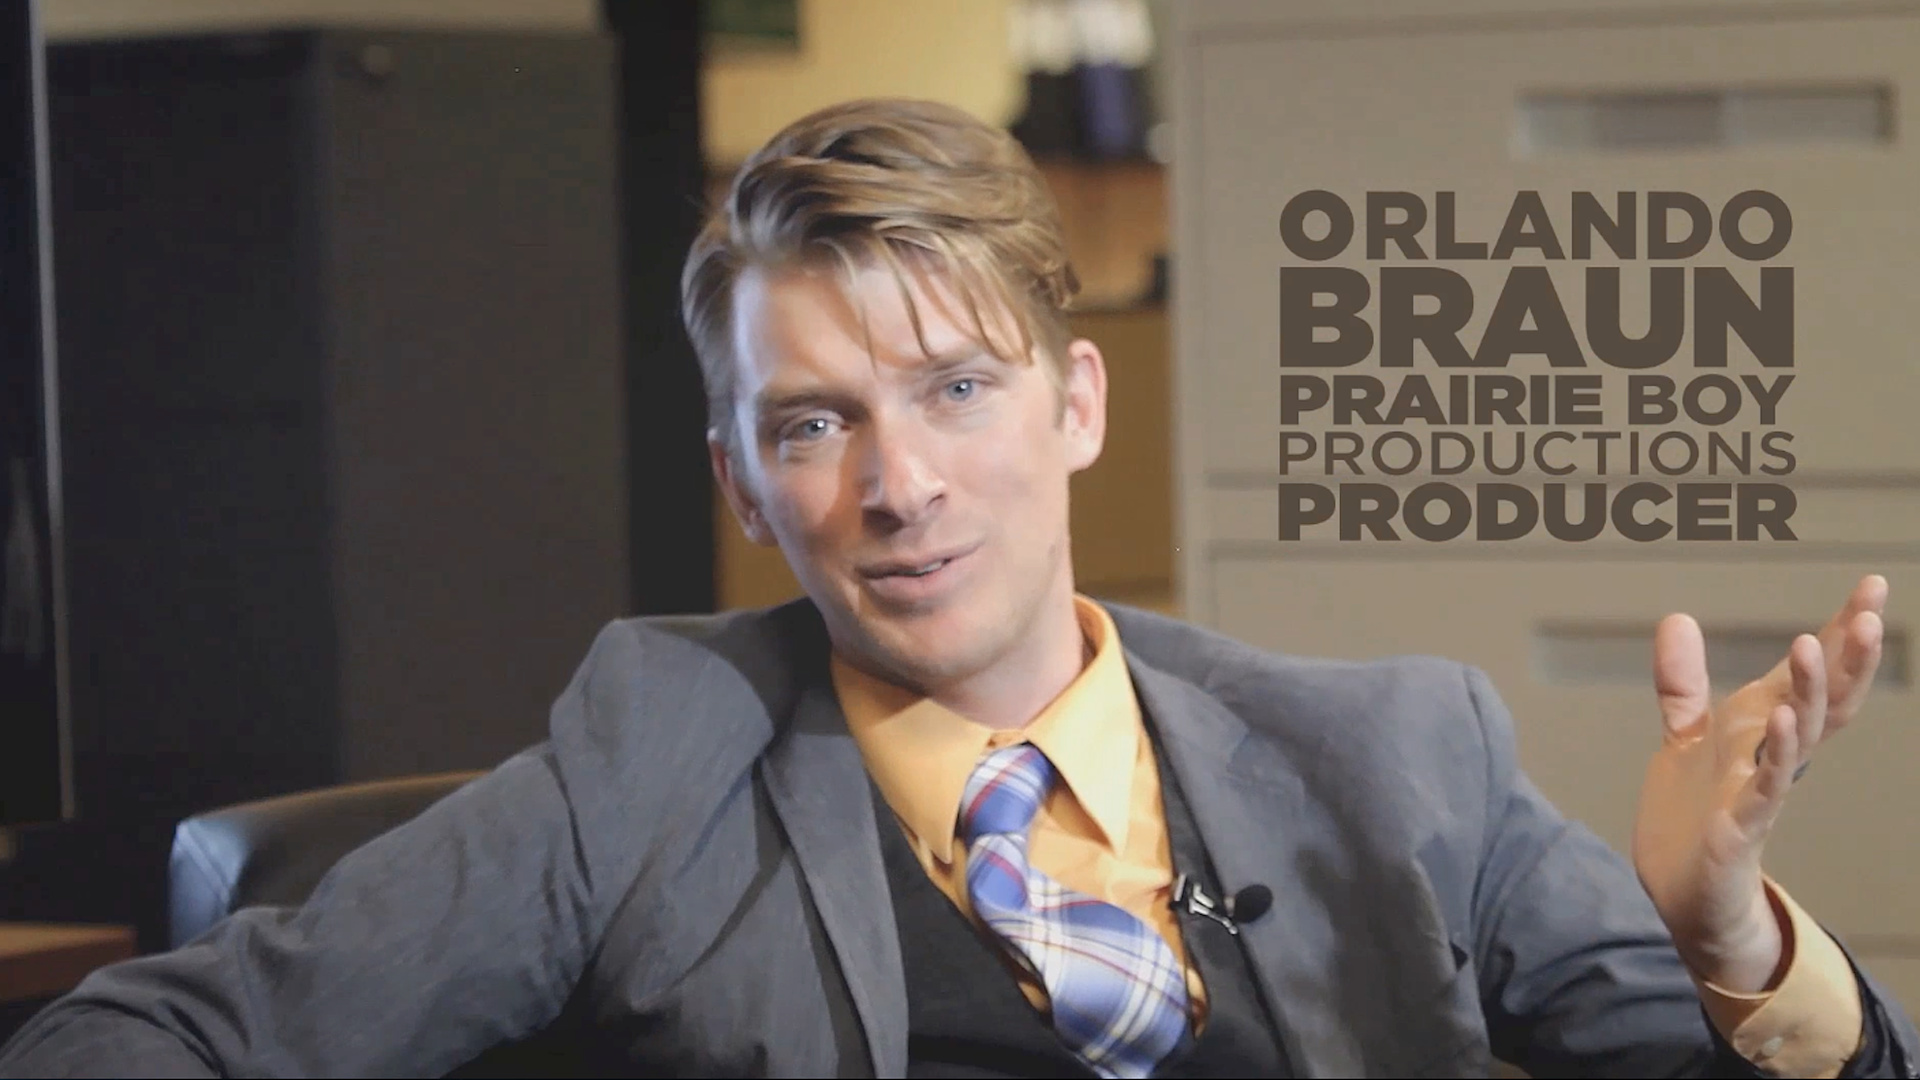 Orlando Braun - Producer